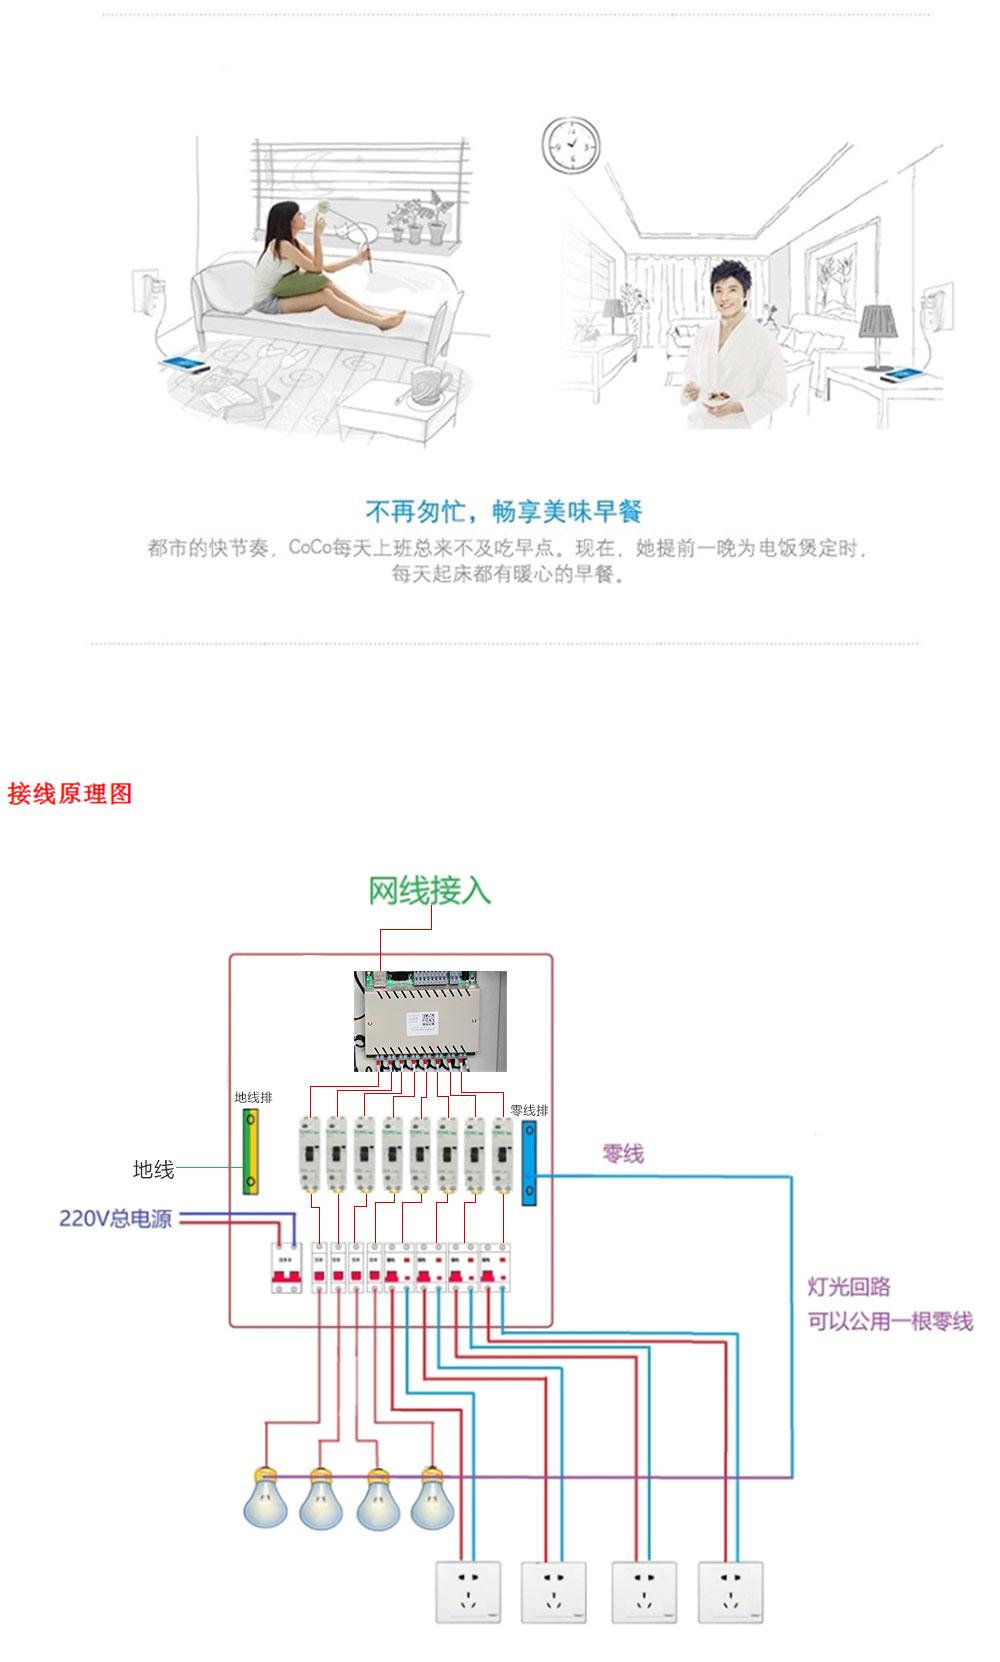 220V 智能控制配电箱